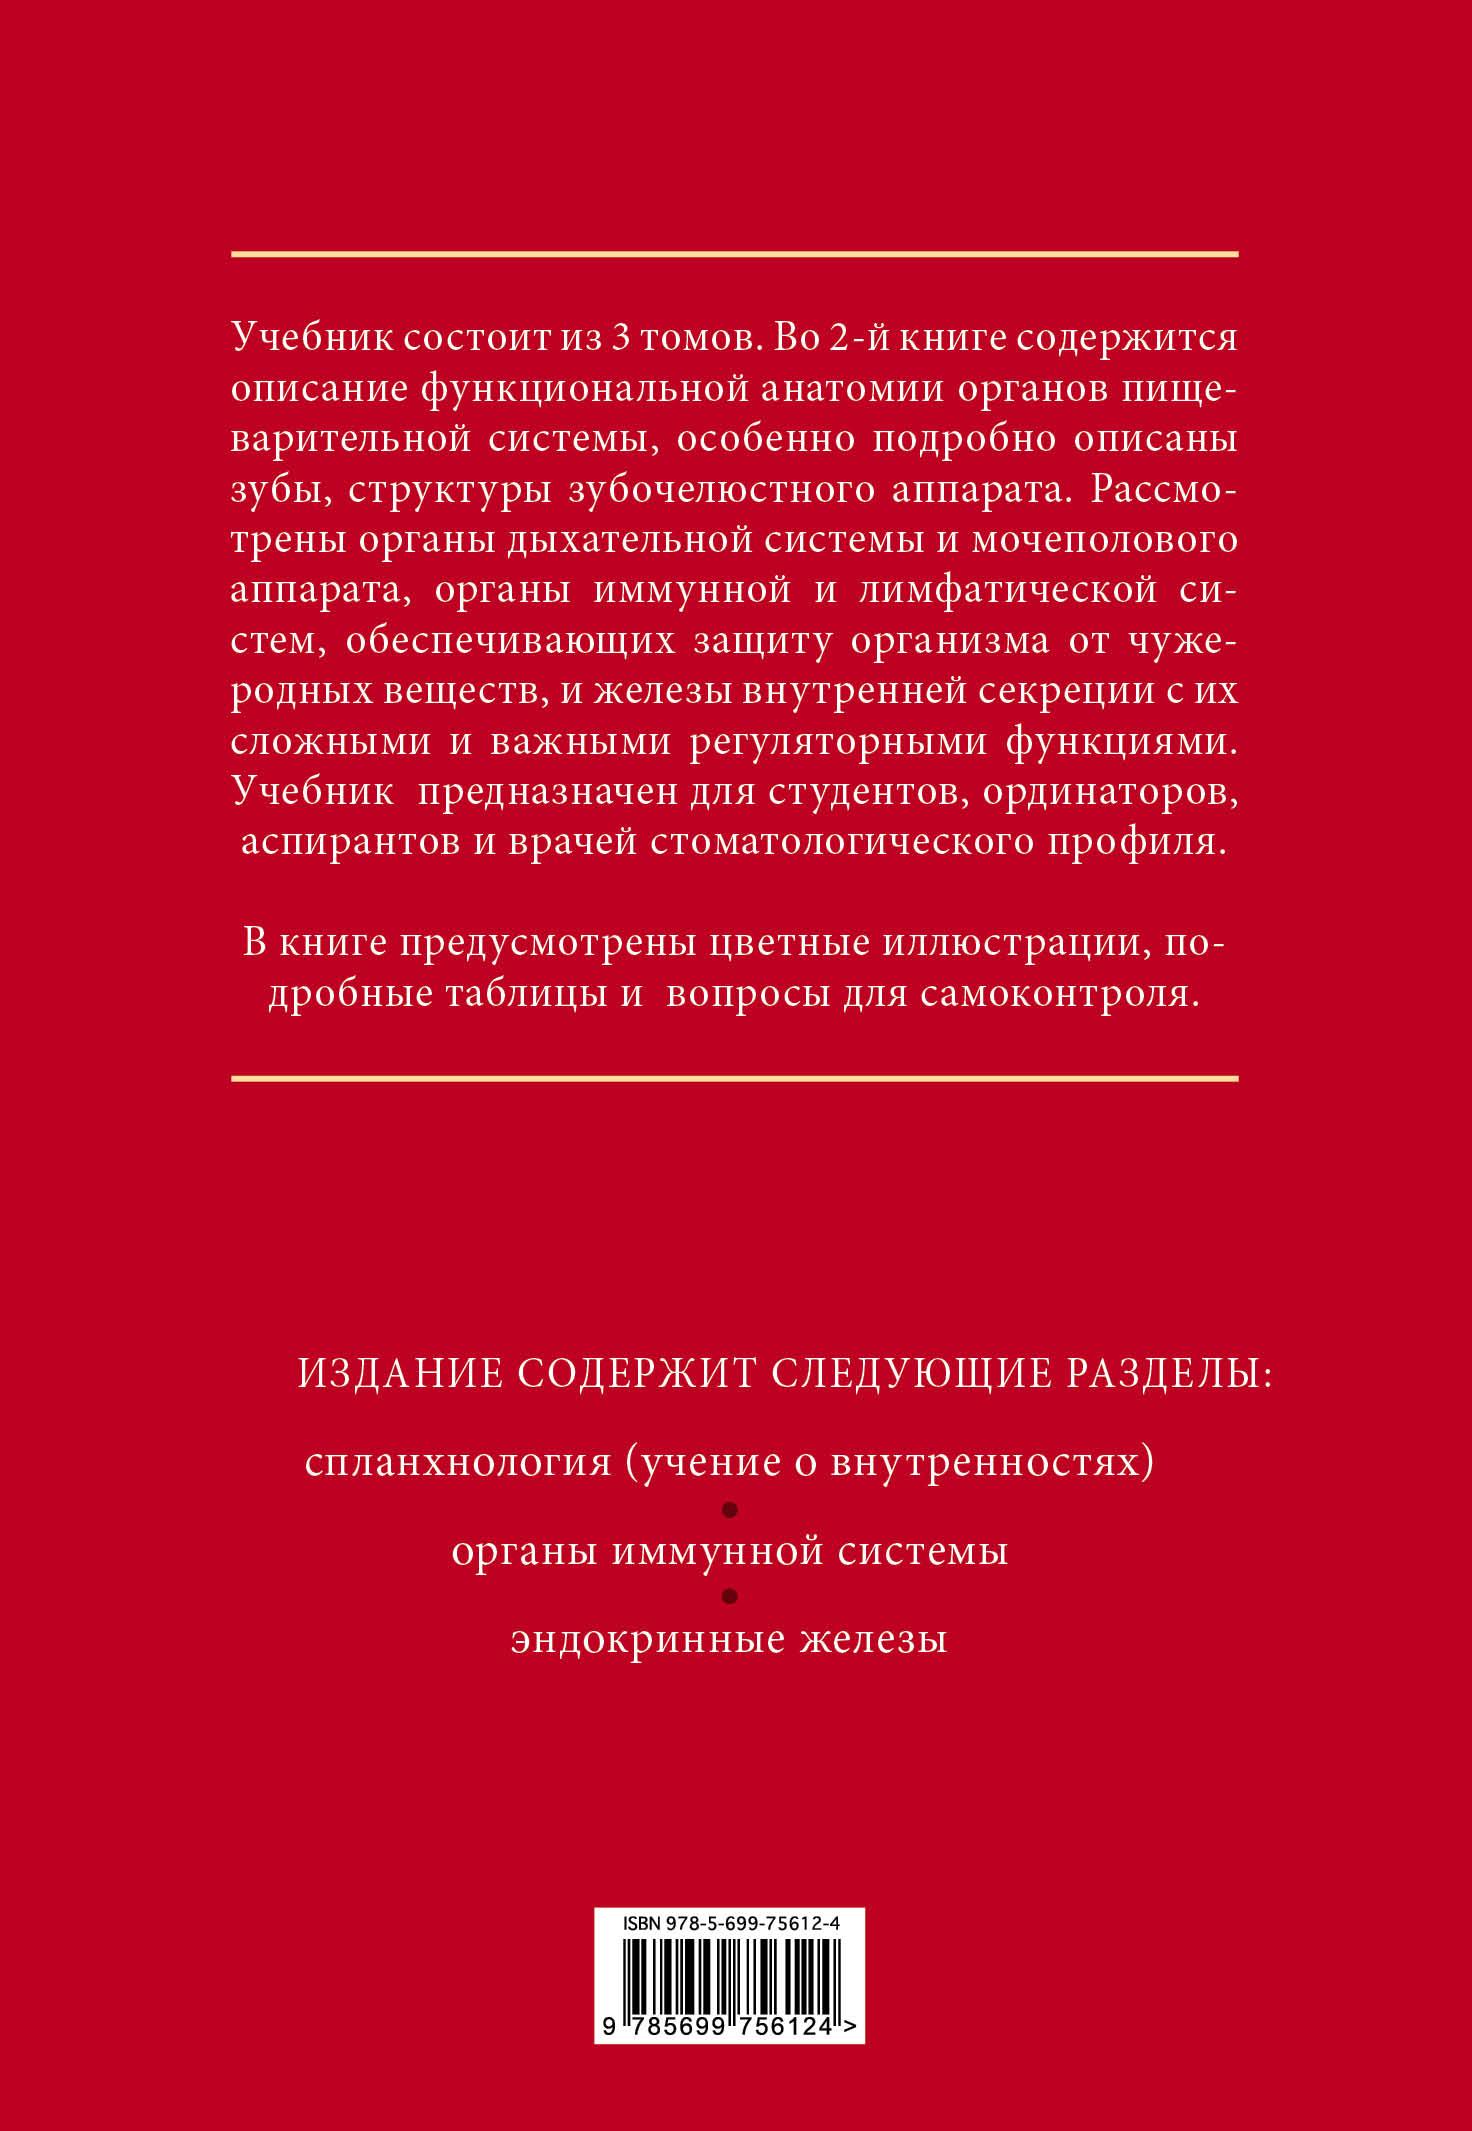 Сапин М.Р., Никитюк Д.Б., Клочкова С.В.. Анатомия человека. Учебник. В 3 томах. Том 2